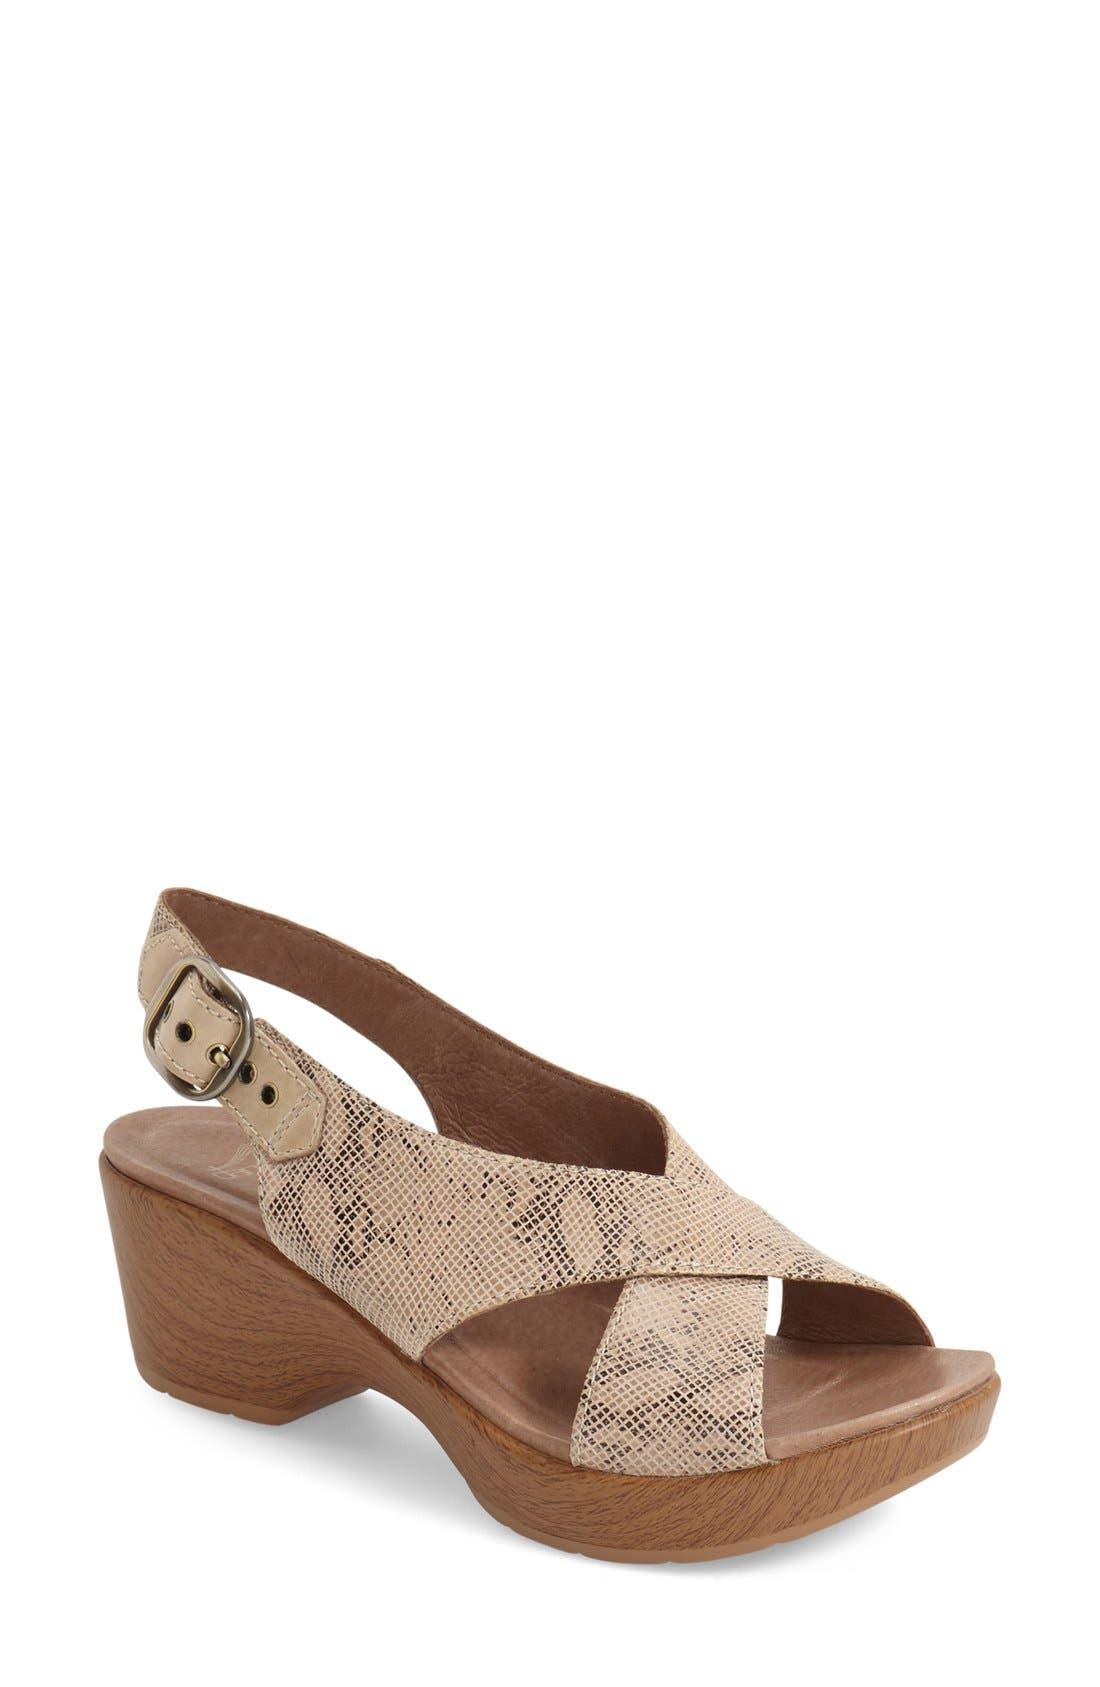 Main Image - Dansko 'Jacinda' Sandal (Women)